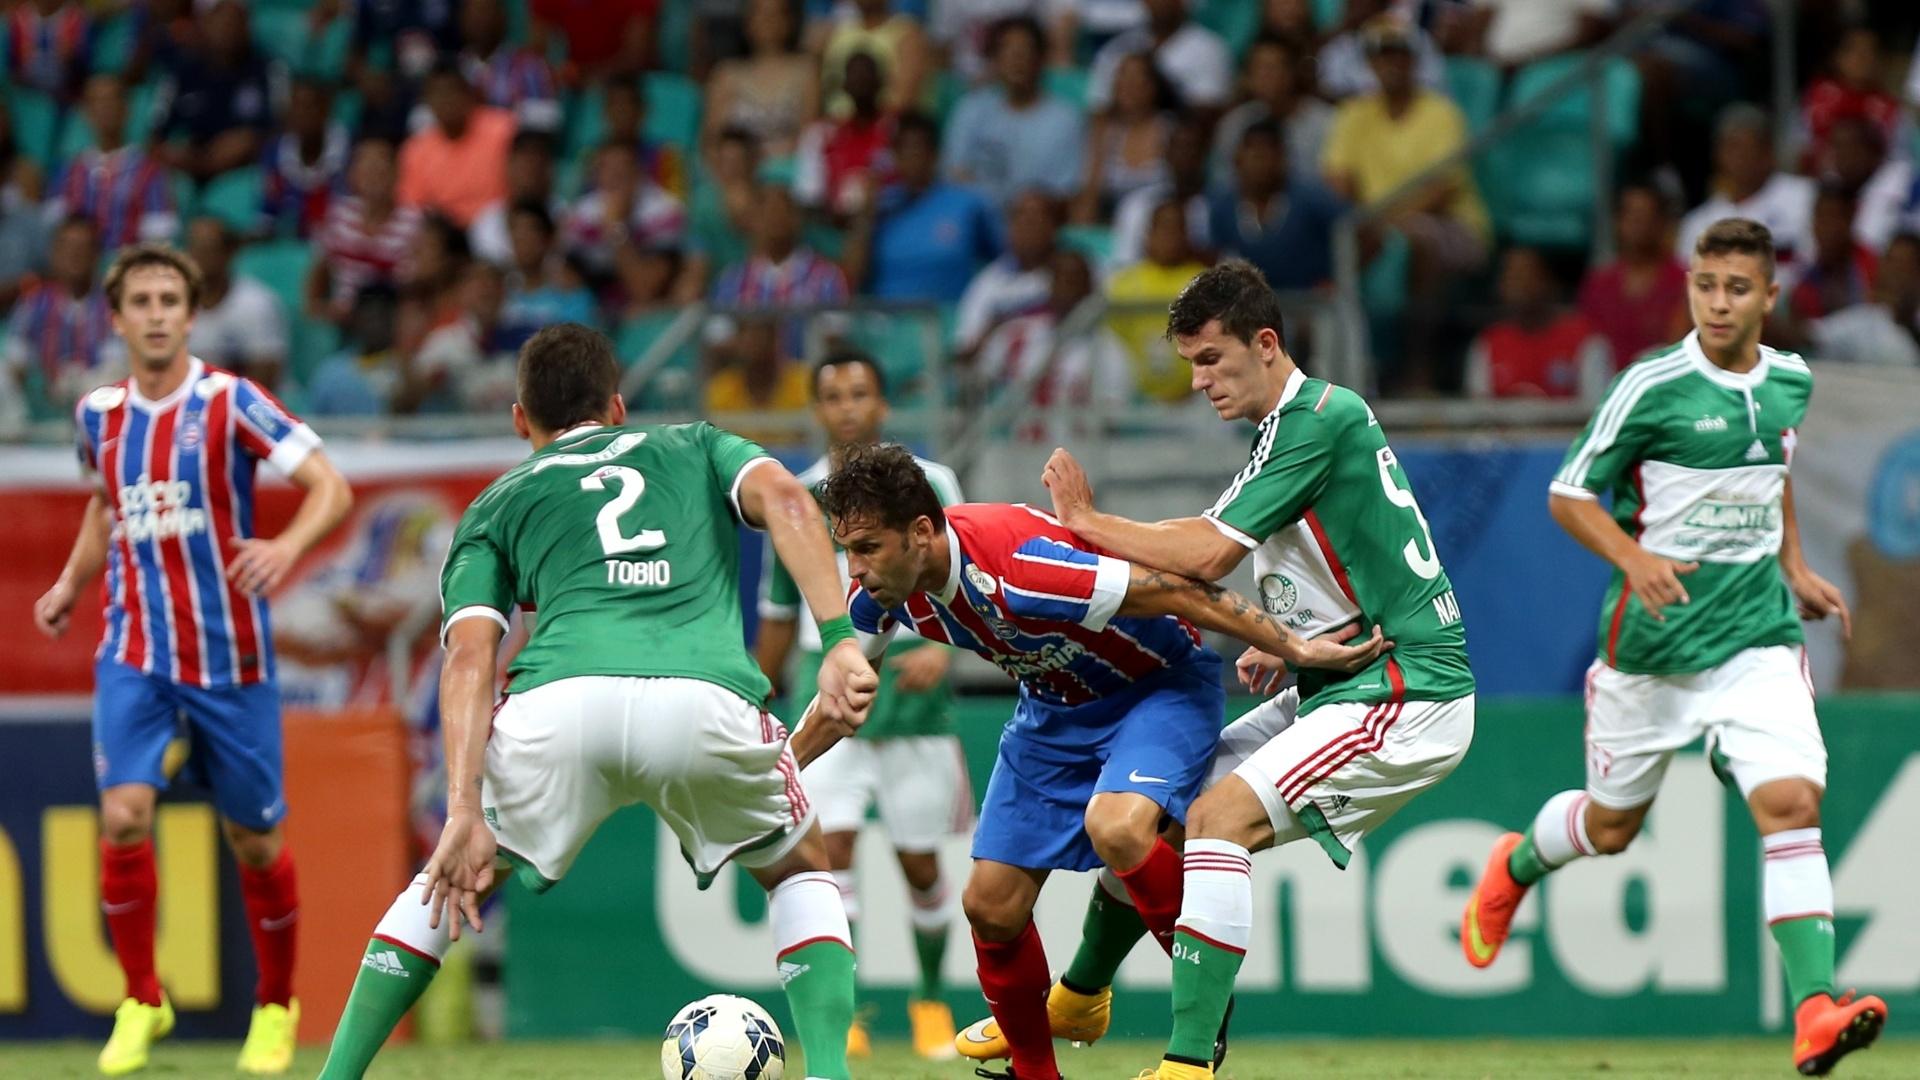 Lincoln protege a bola do zagueiro do Palmeiras no jogo do Bahia pelo Brasileirão